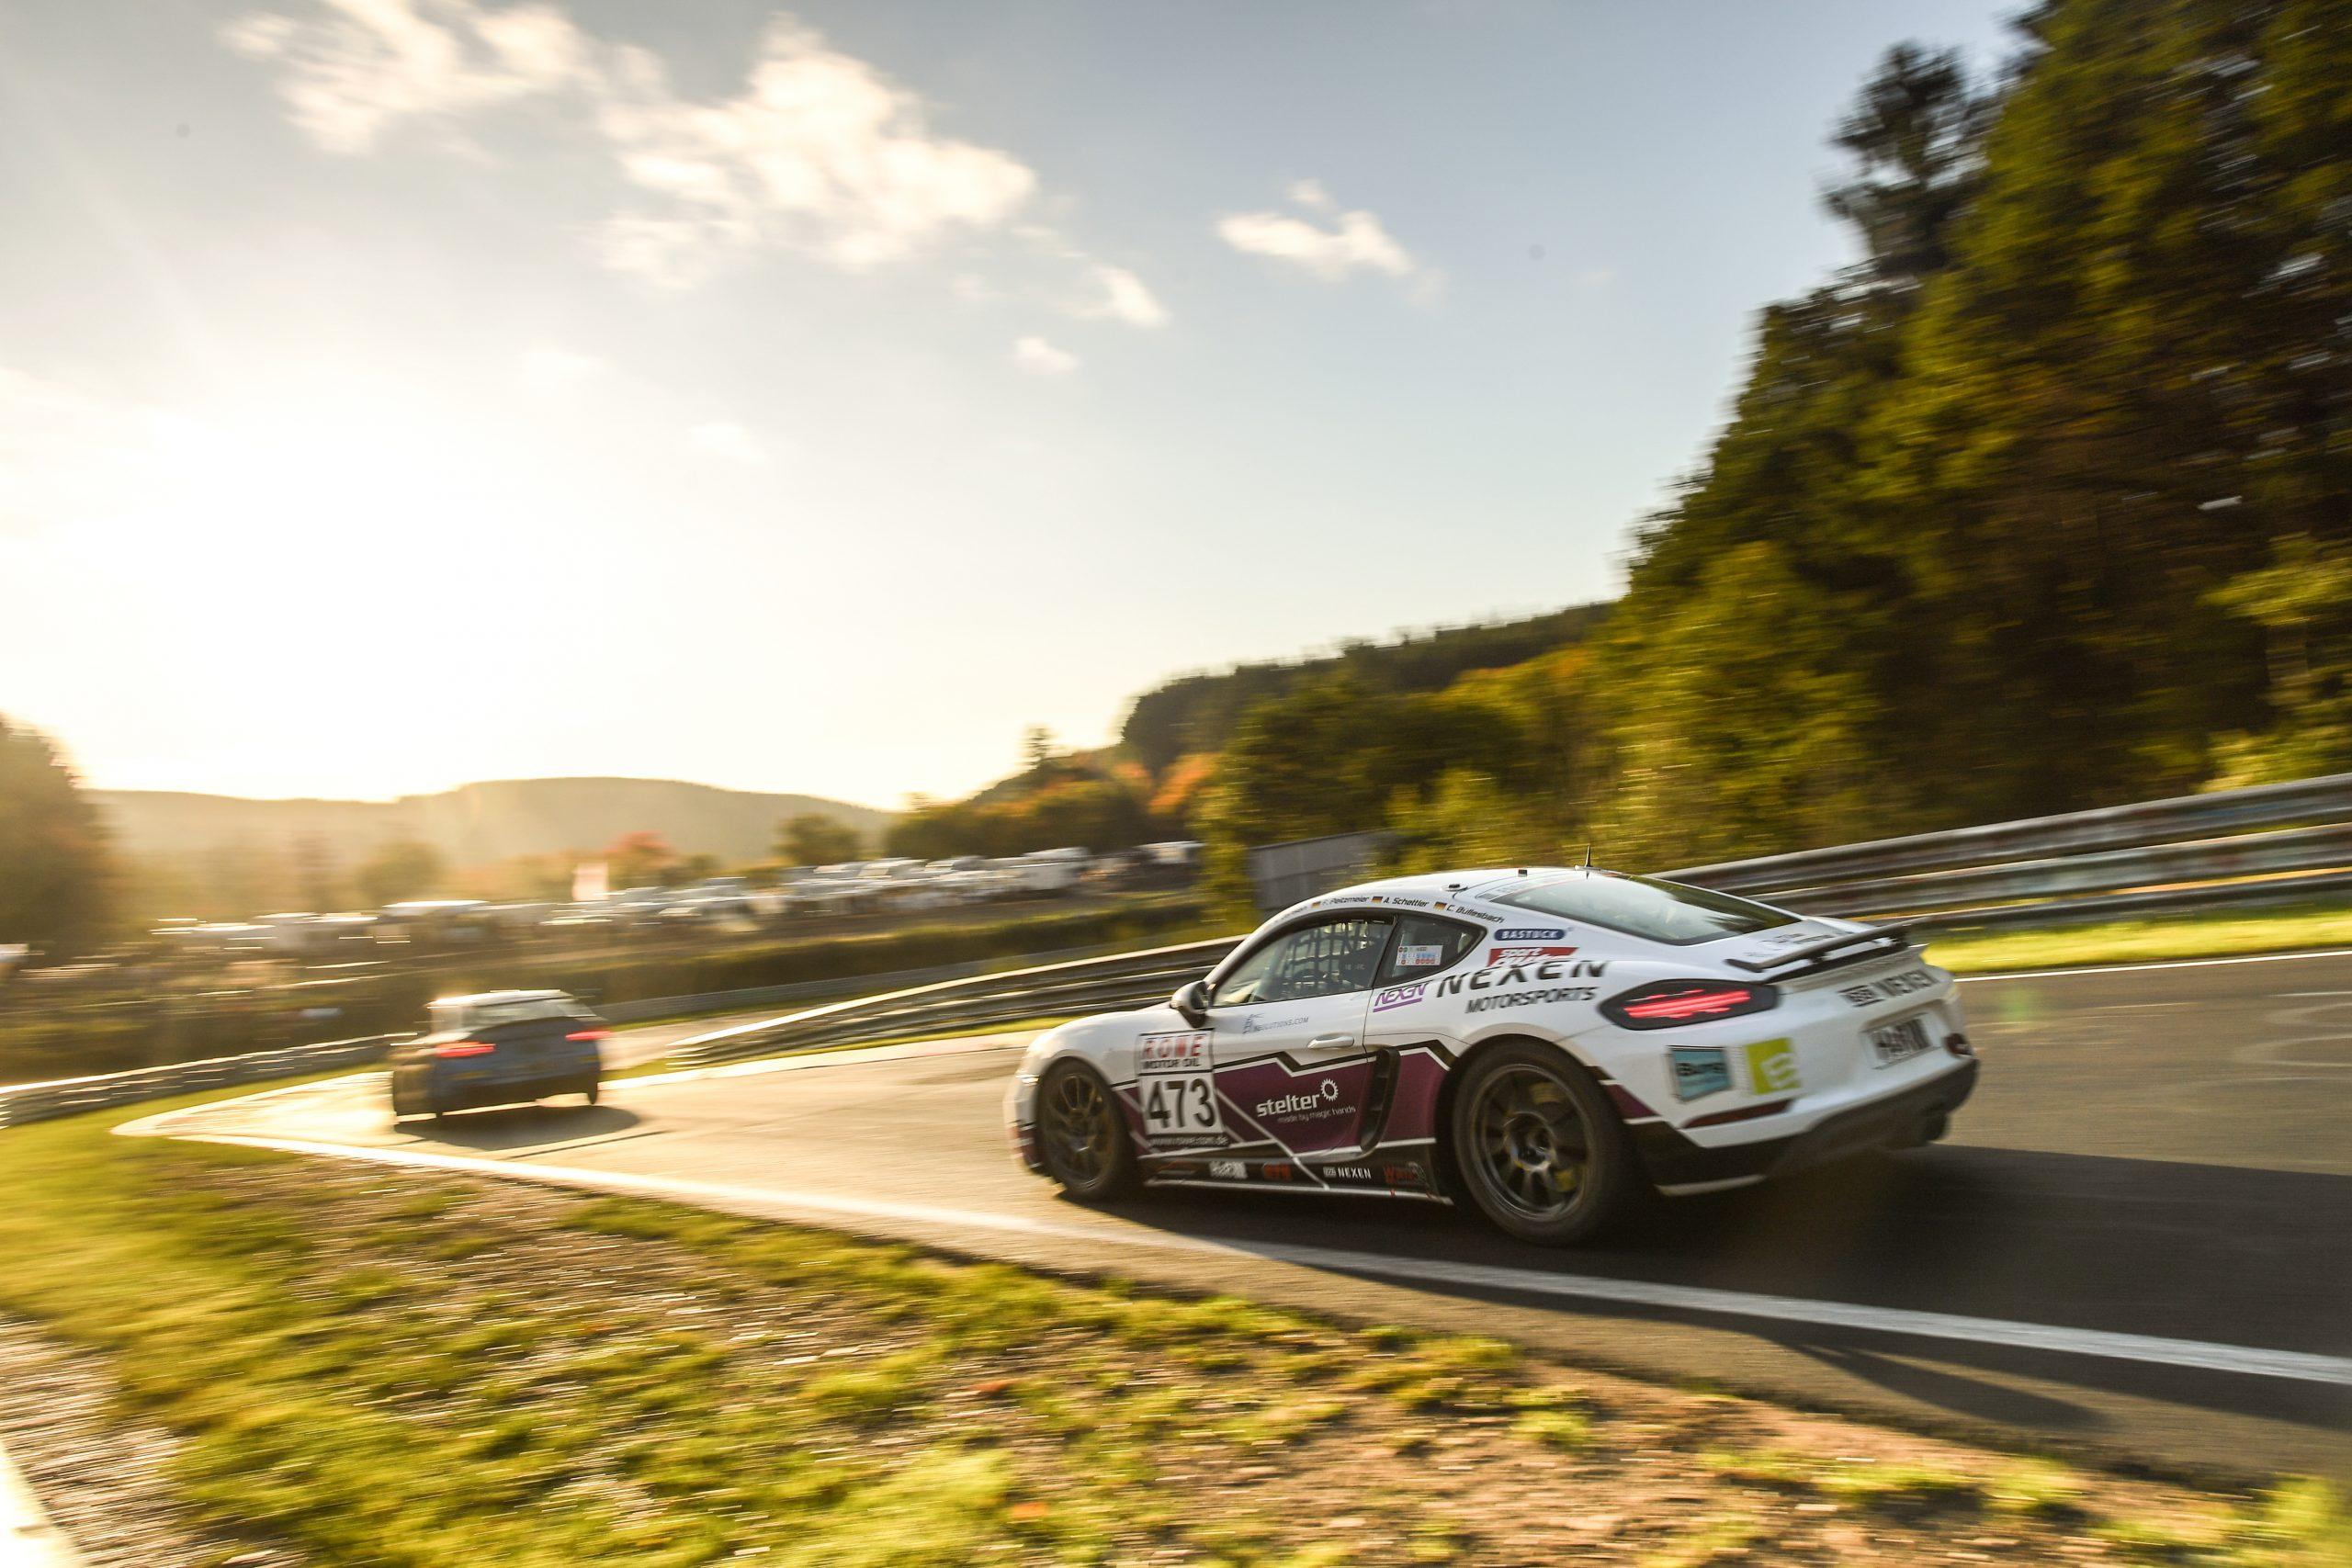 Porsche Cayman auf der Rennstrecke